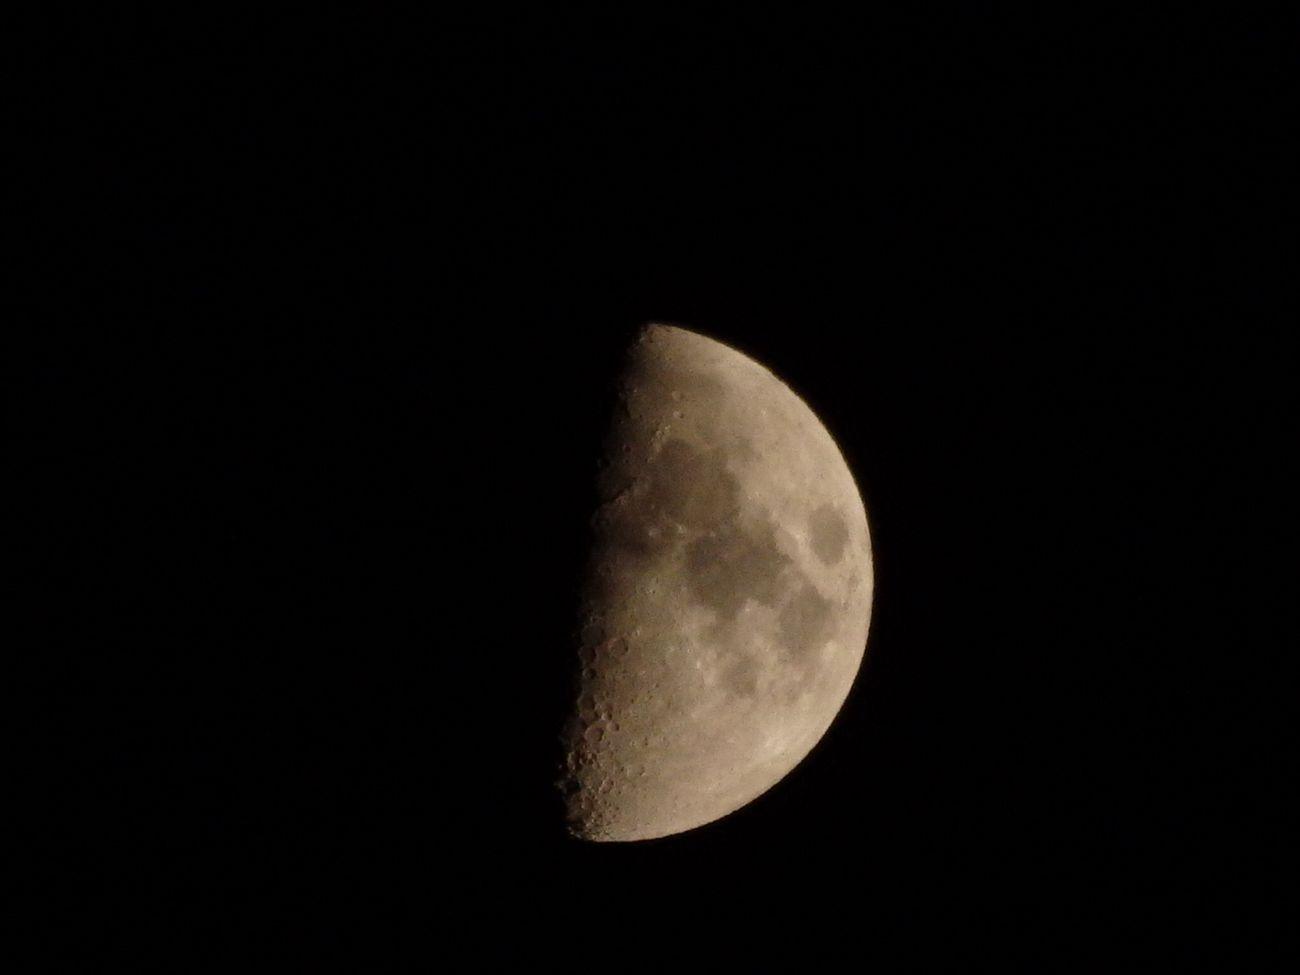 月齢8.35 Moon OLYMPUS SH-50